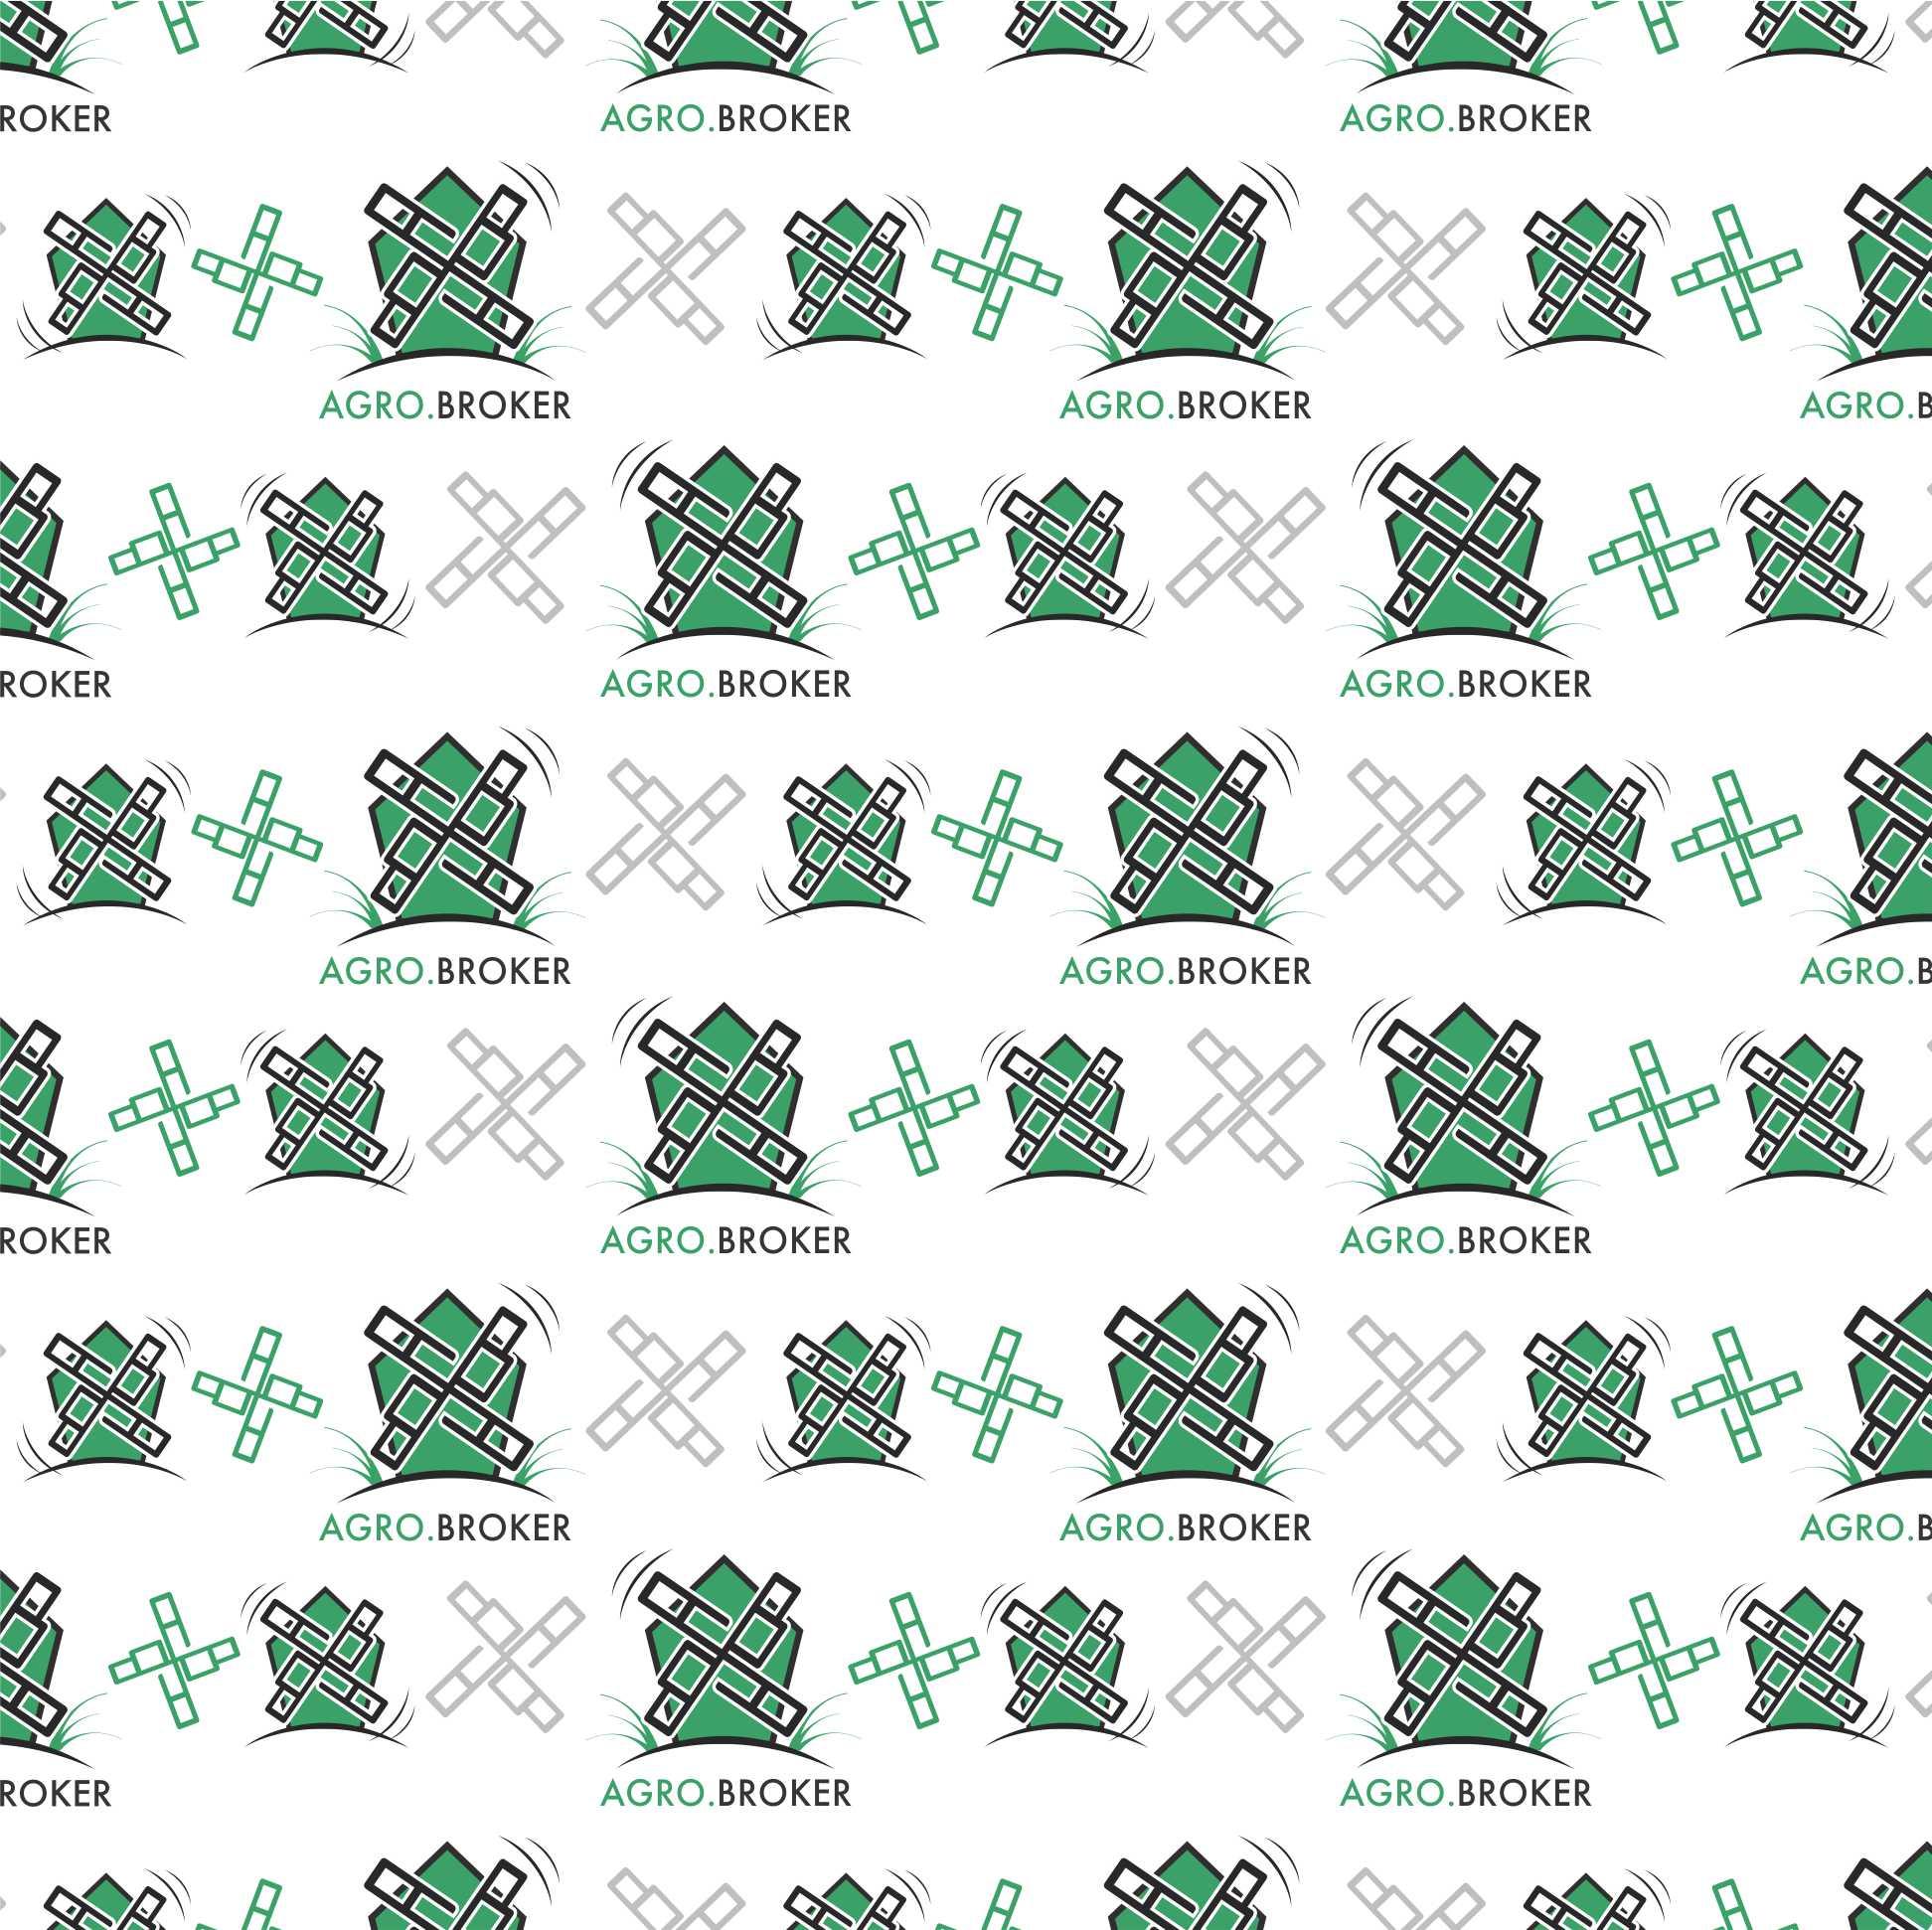 ТЗ на разработку пакета айдентики Agro.Broker фото f_7615968680f71517.jpg